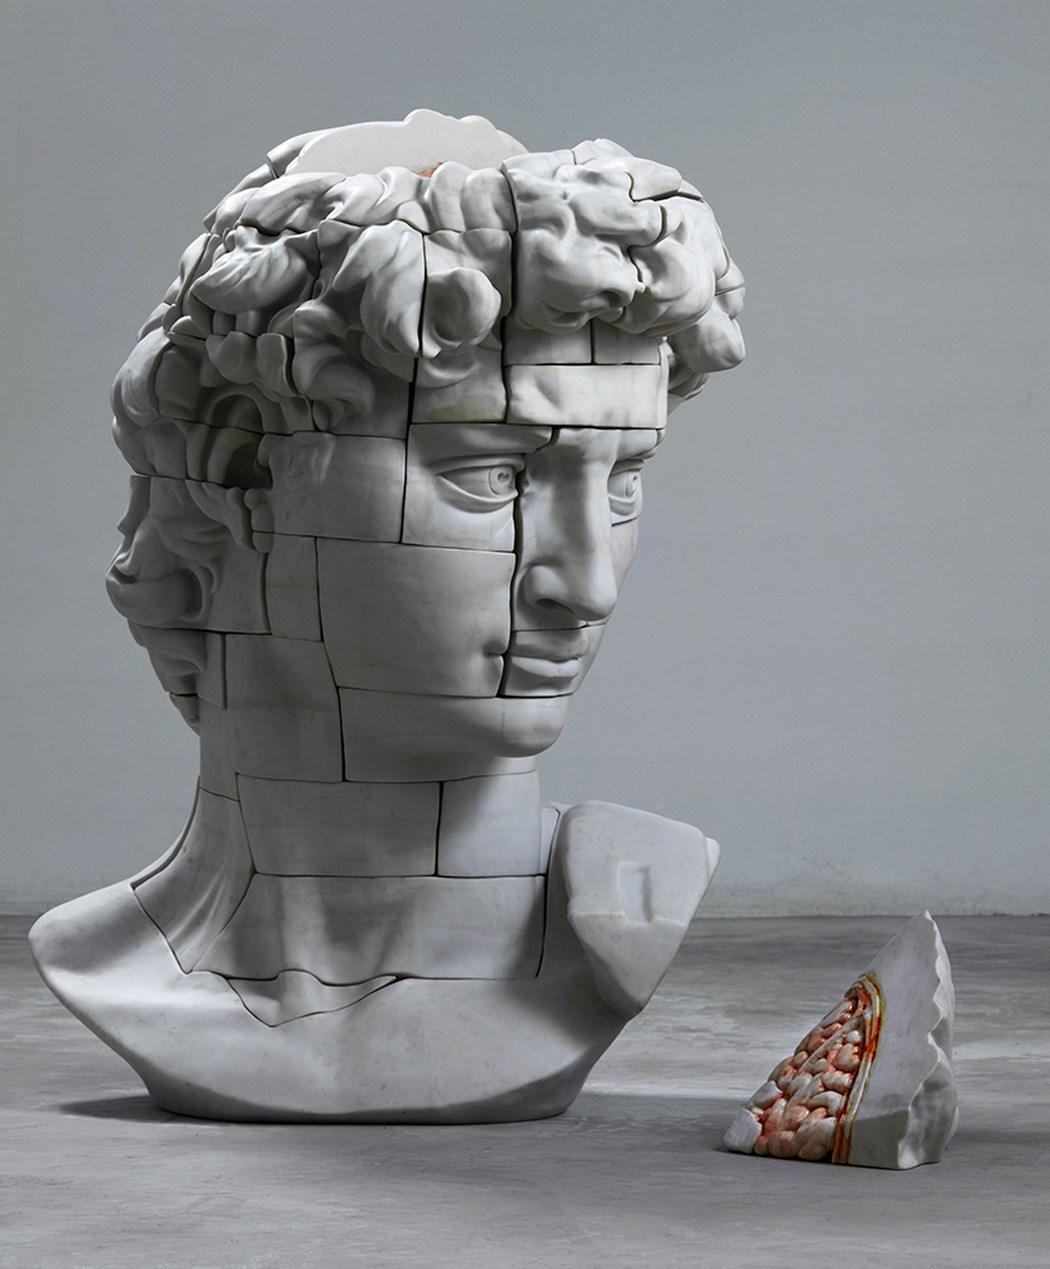 Uno sguardo all'interno dell'arte con le sculture classiche sezionate di Cao Hui   Collater.al